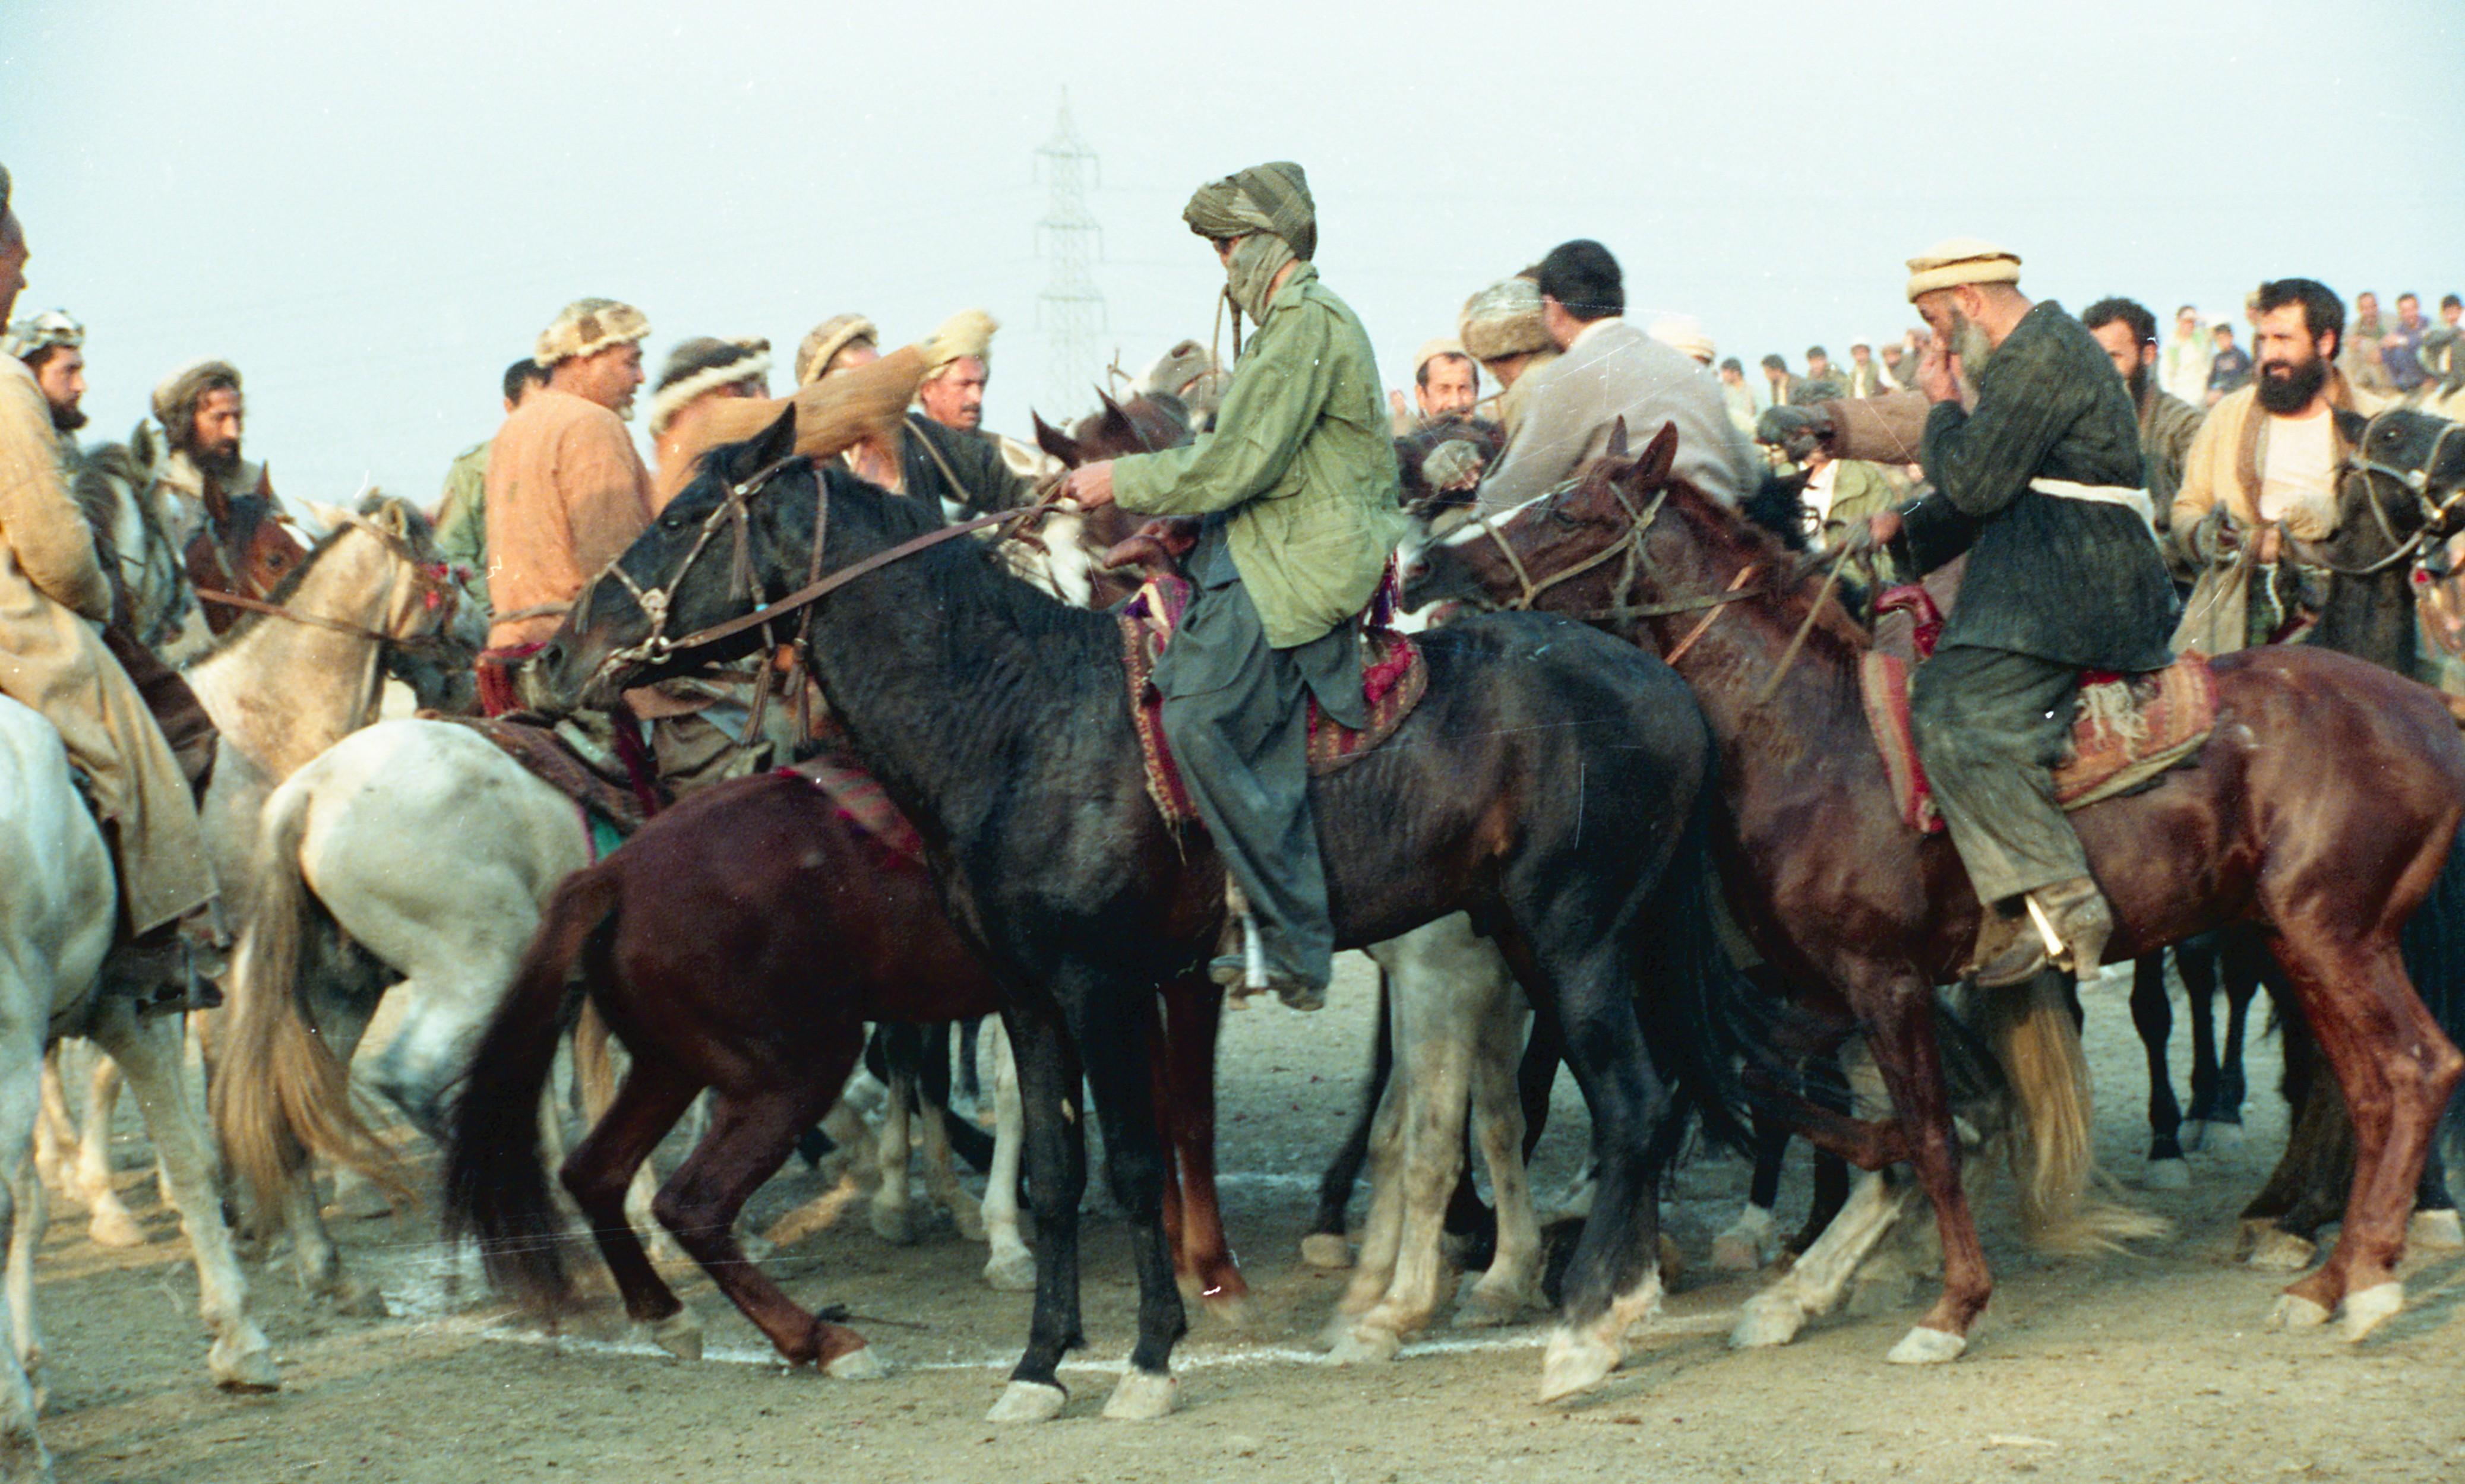 Afghan refugees playing Buzkashī (Goat grabbing) game  : Ḥabibullah